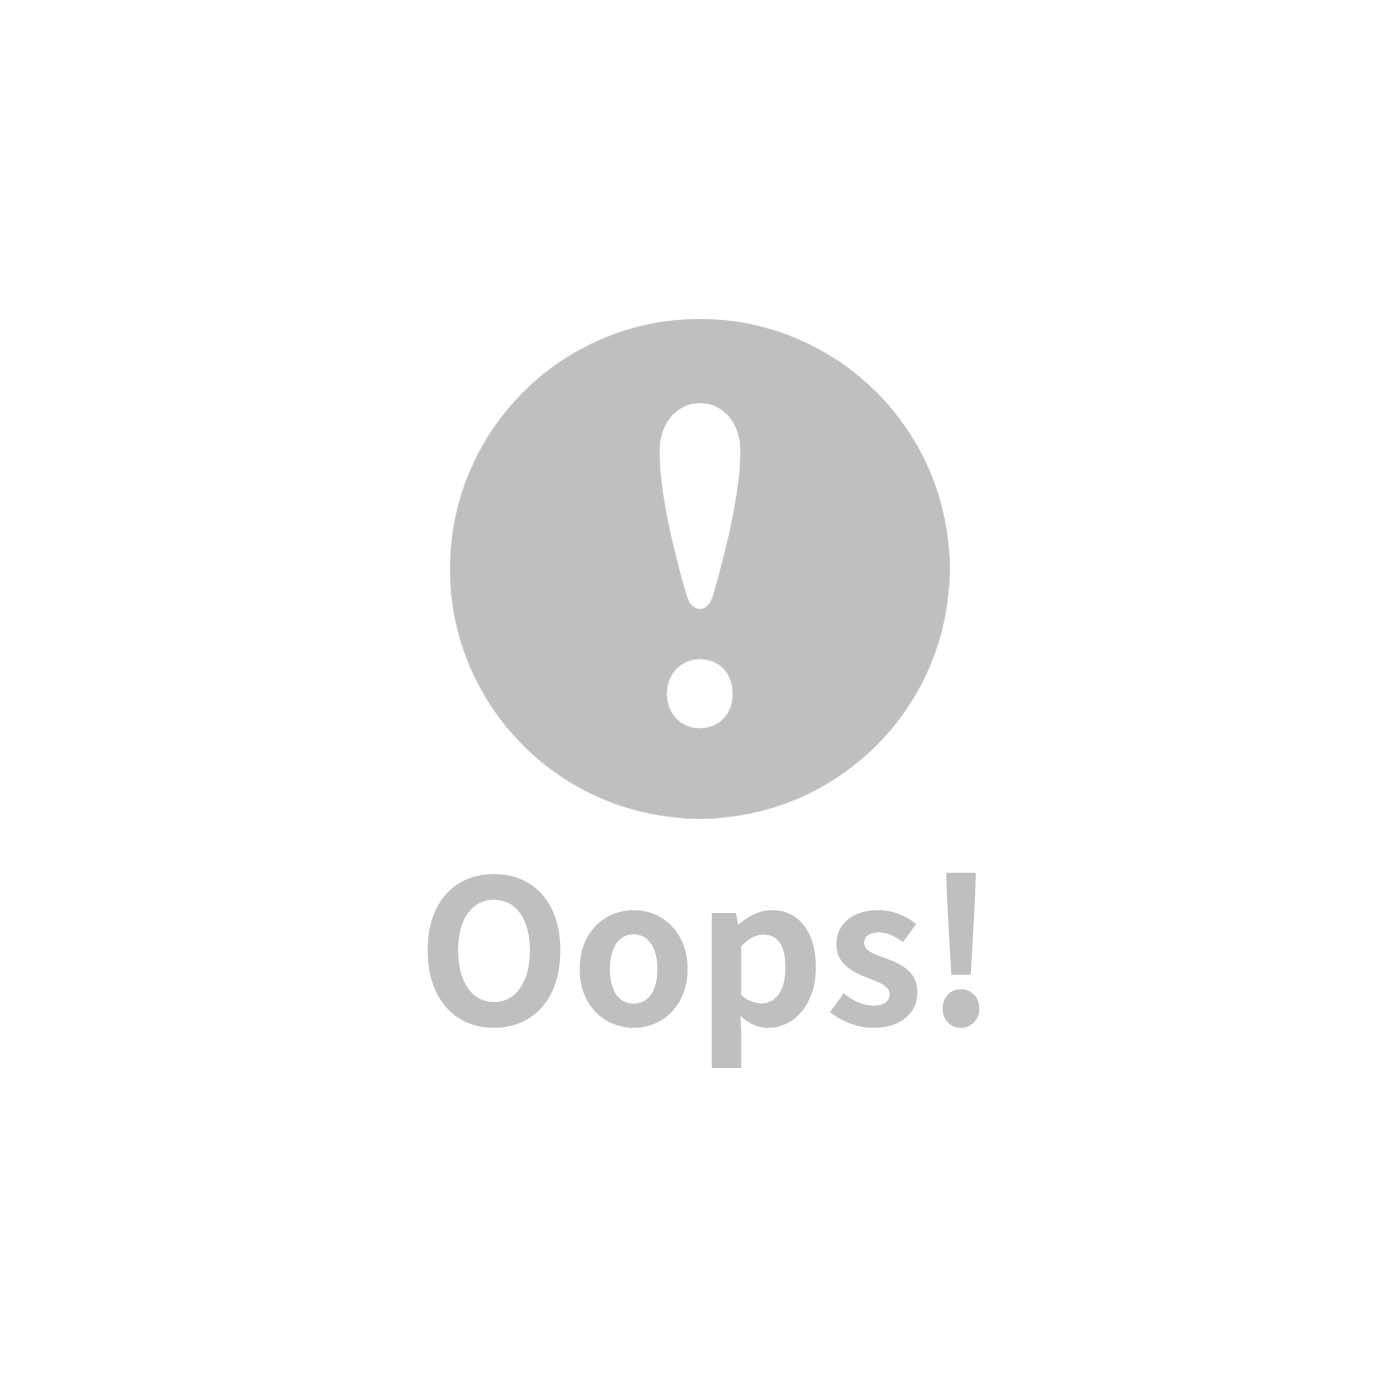 【韓國Lolbaby】Hi Jell-O涼感蒟蒻枕頭+涼感蒟蒻床墊加大(海星星)